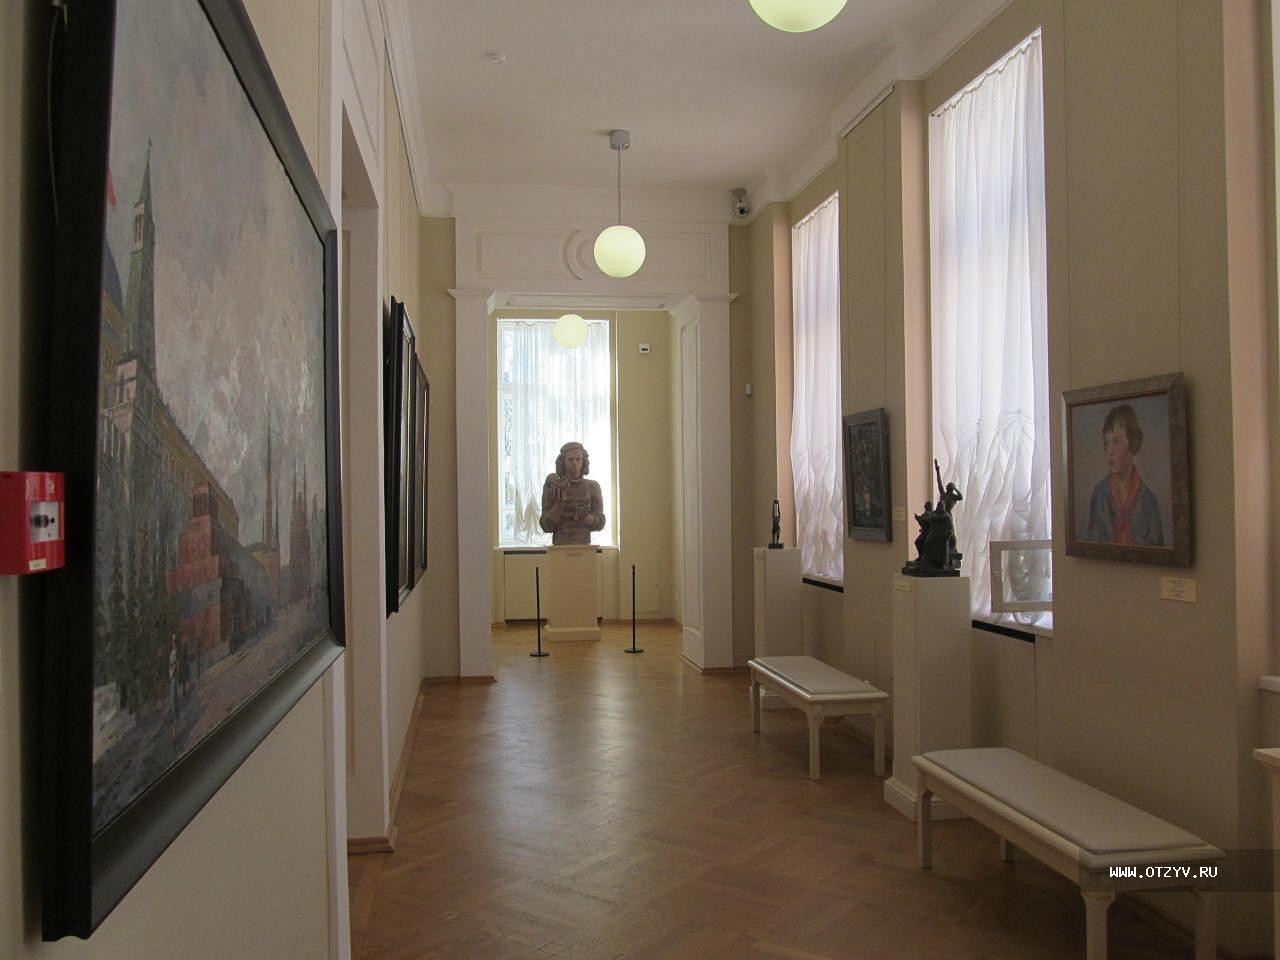 абсолютно известно смоленск художественная галерея фото заходом парилку смазывают